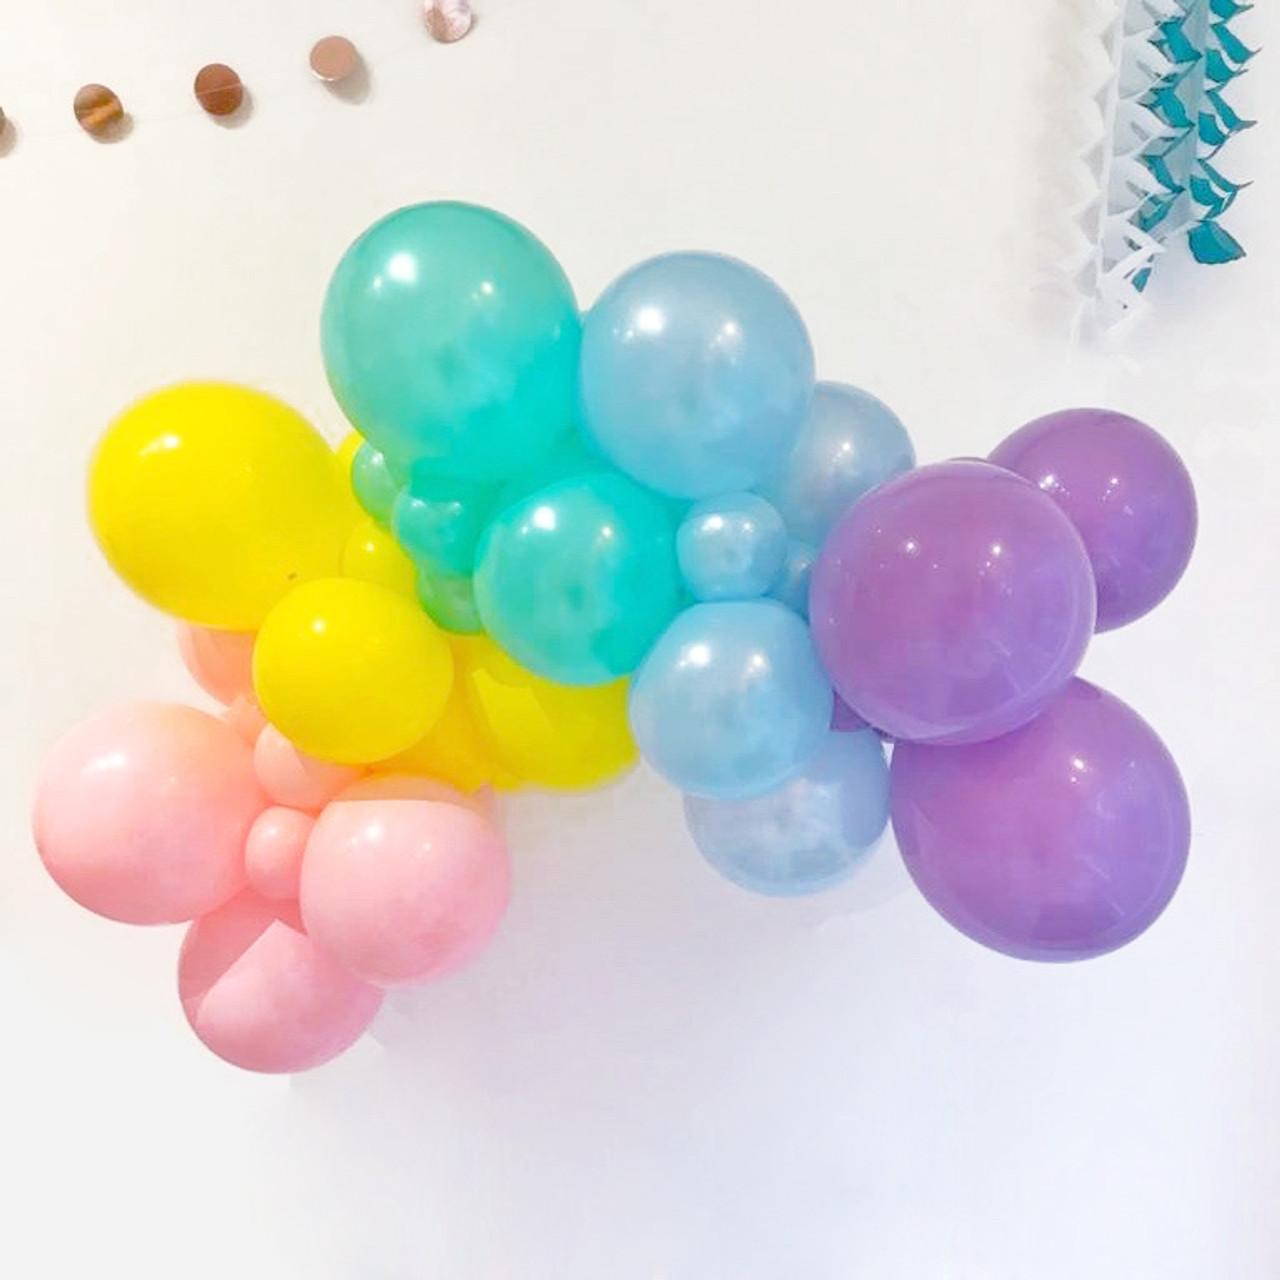 Pastel Balloon Garland Kit